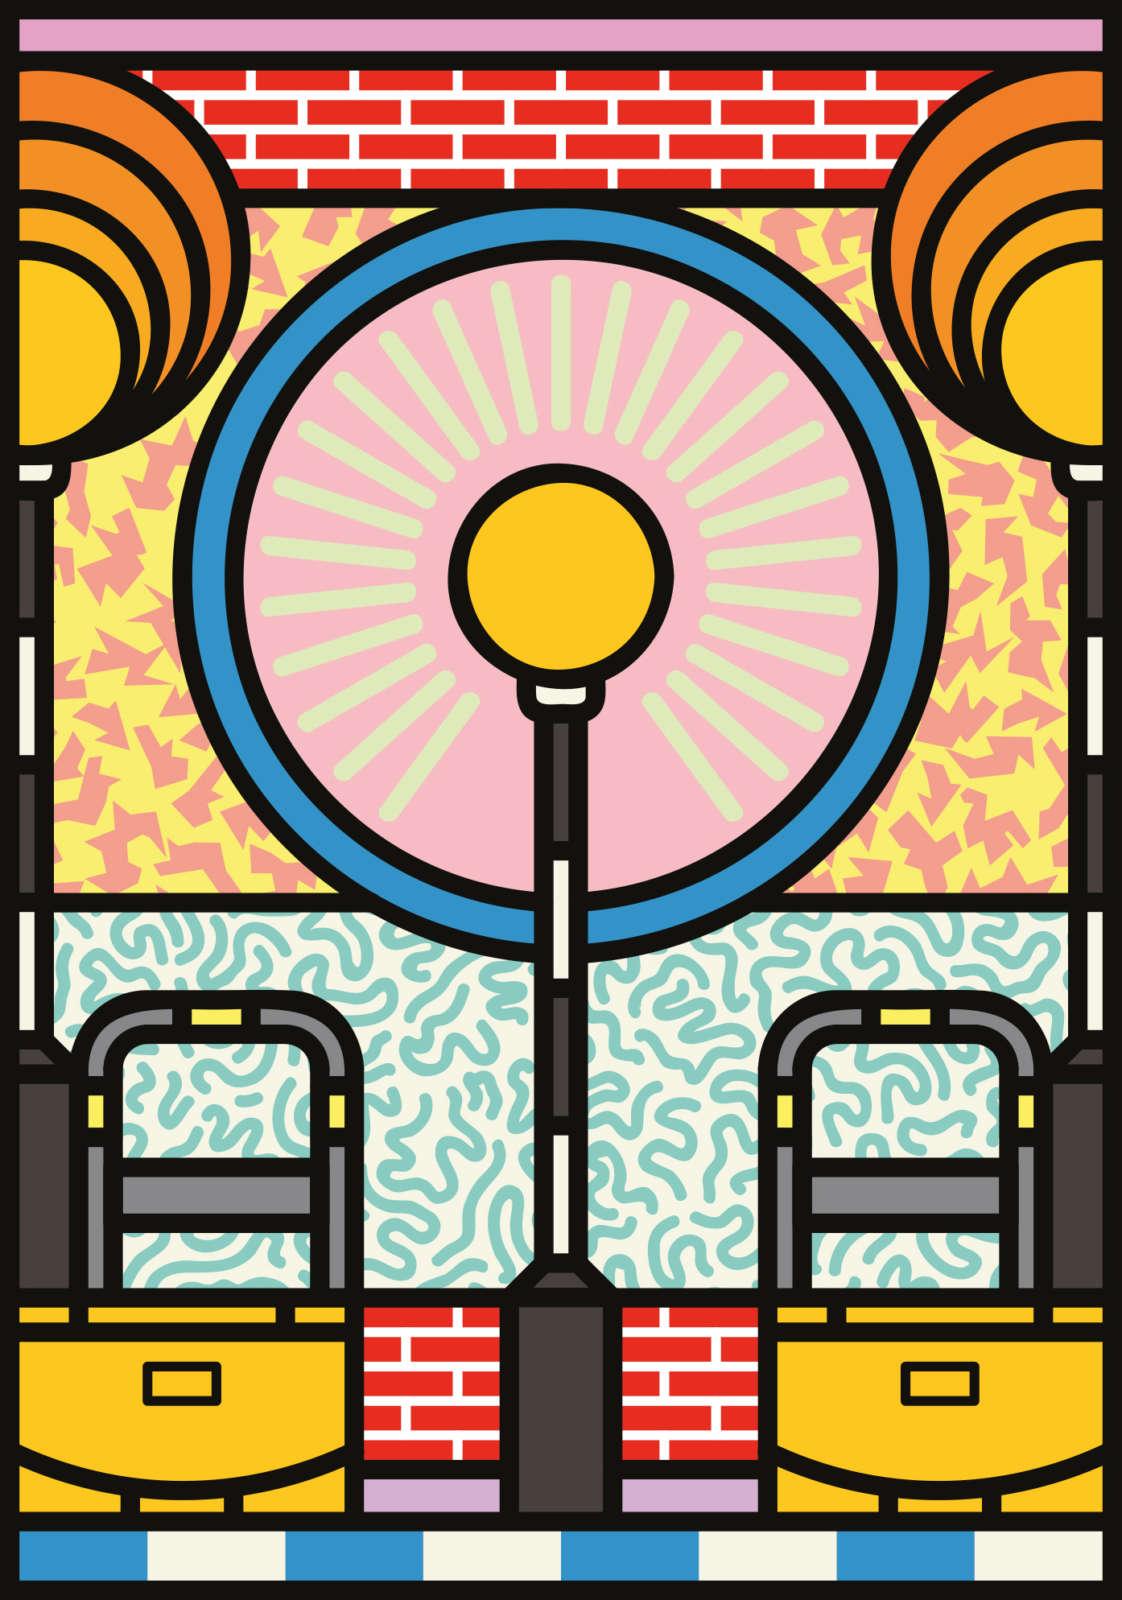 Hoxton Hoarding Peter Judson Origional 12